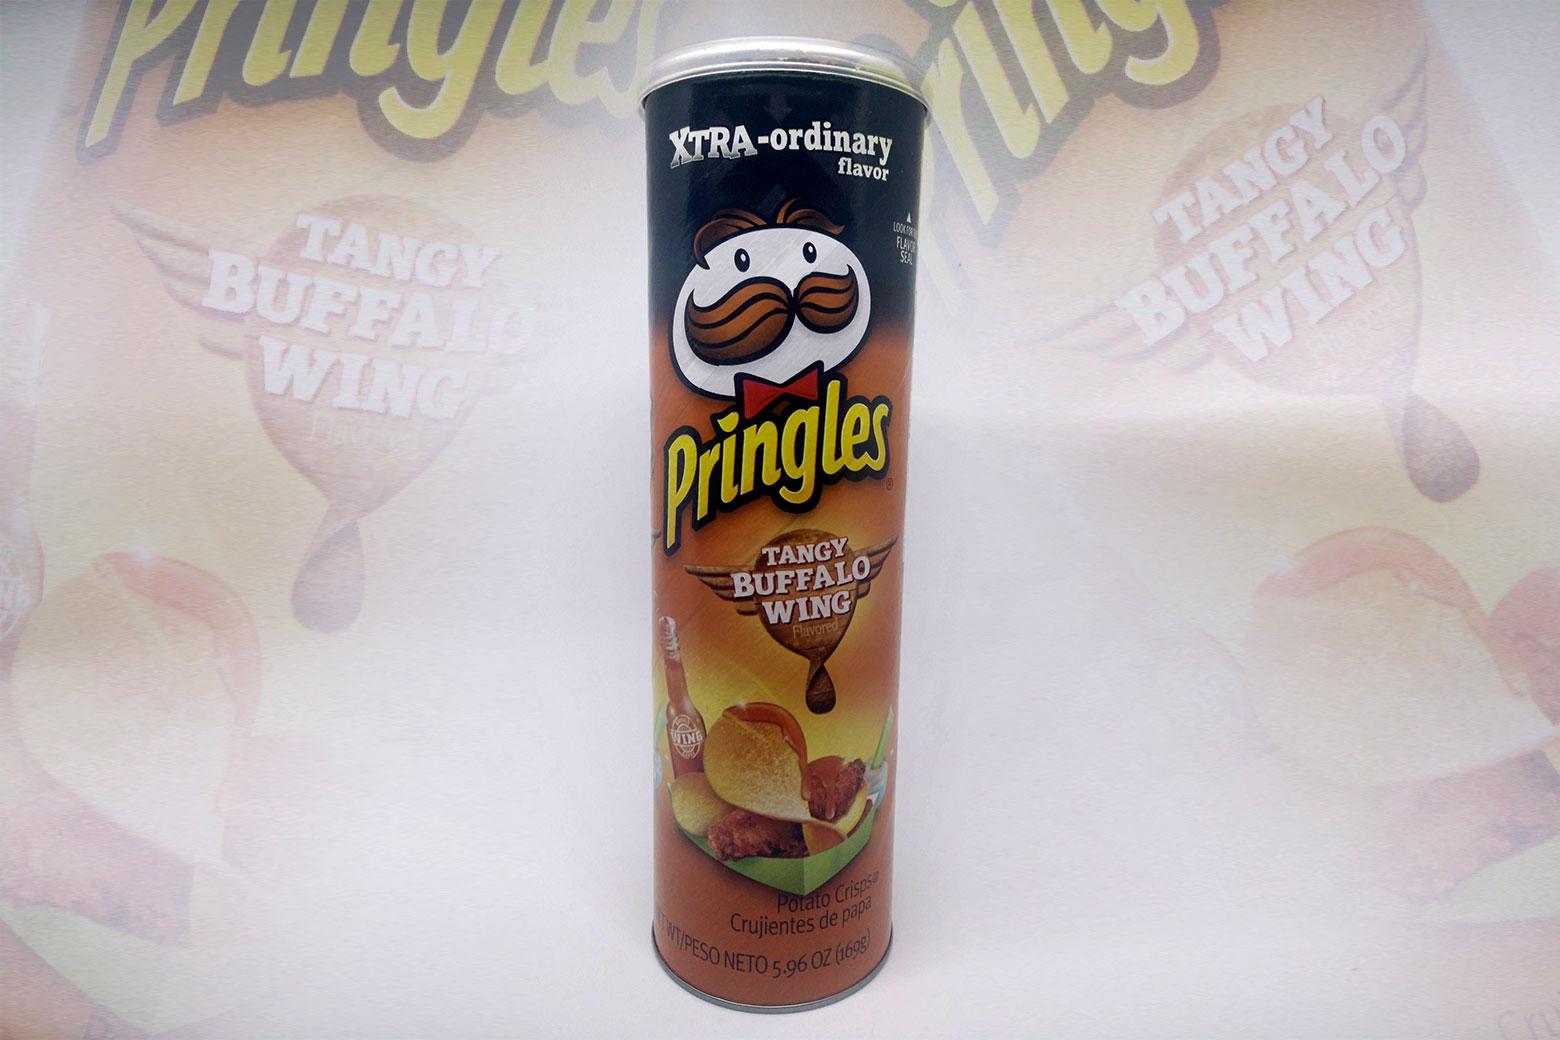 Pringles tangy buffalo win